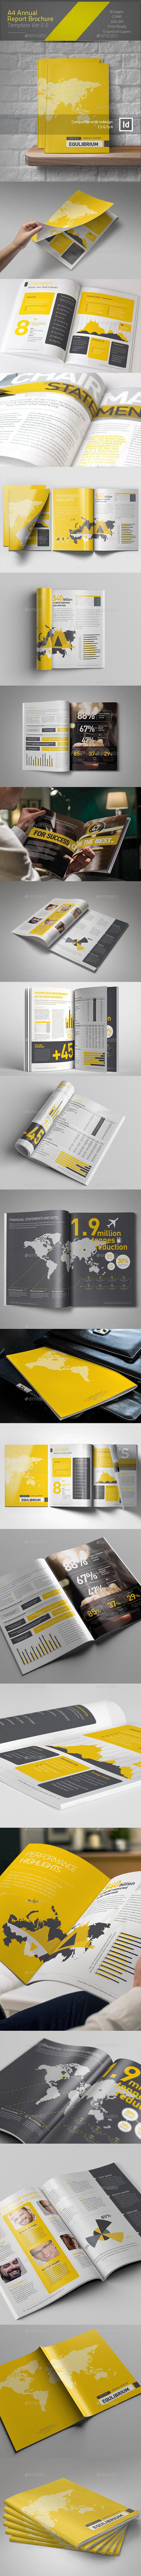 GraphicRiver Annual Report Brochure Ver 5.0 10440432